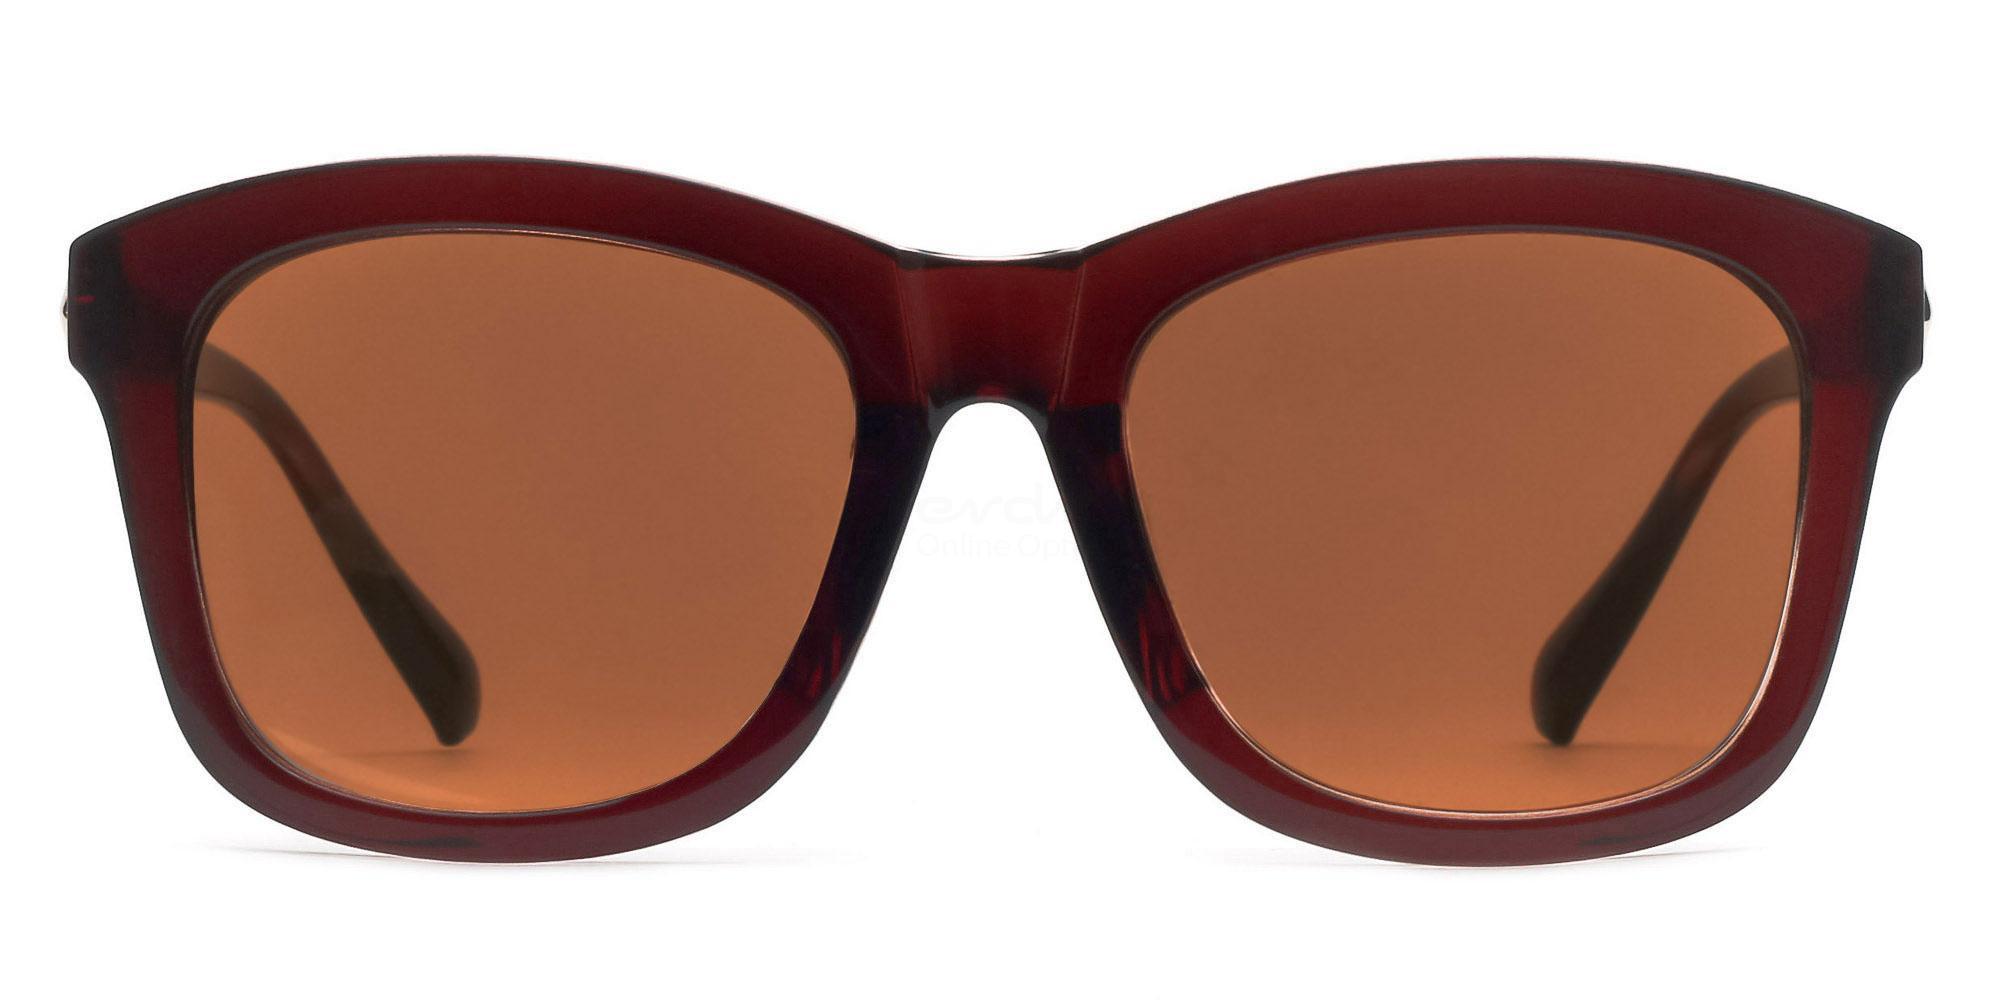 COL05 J2310 Sunglasses, Indium